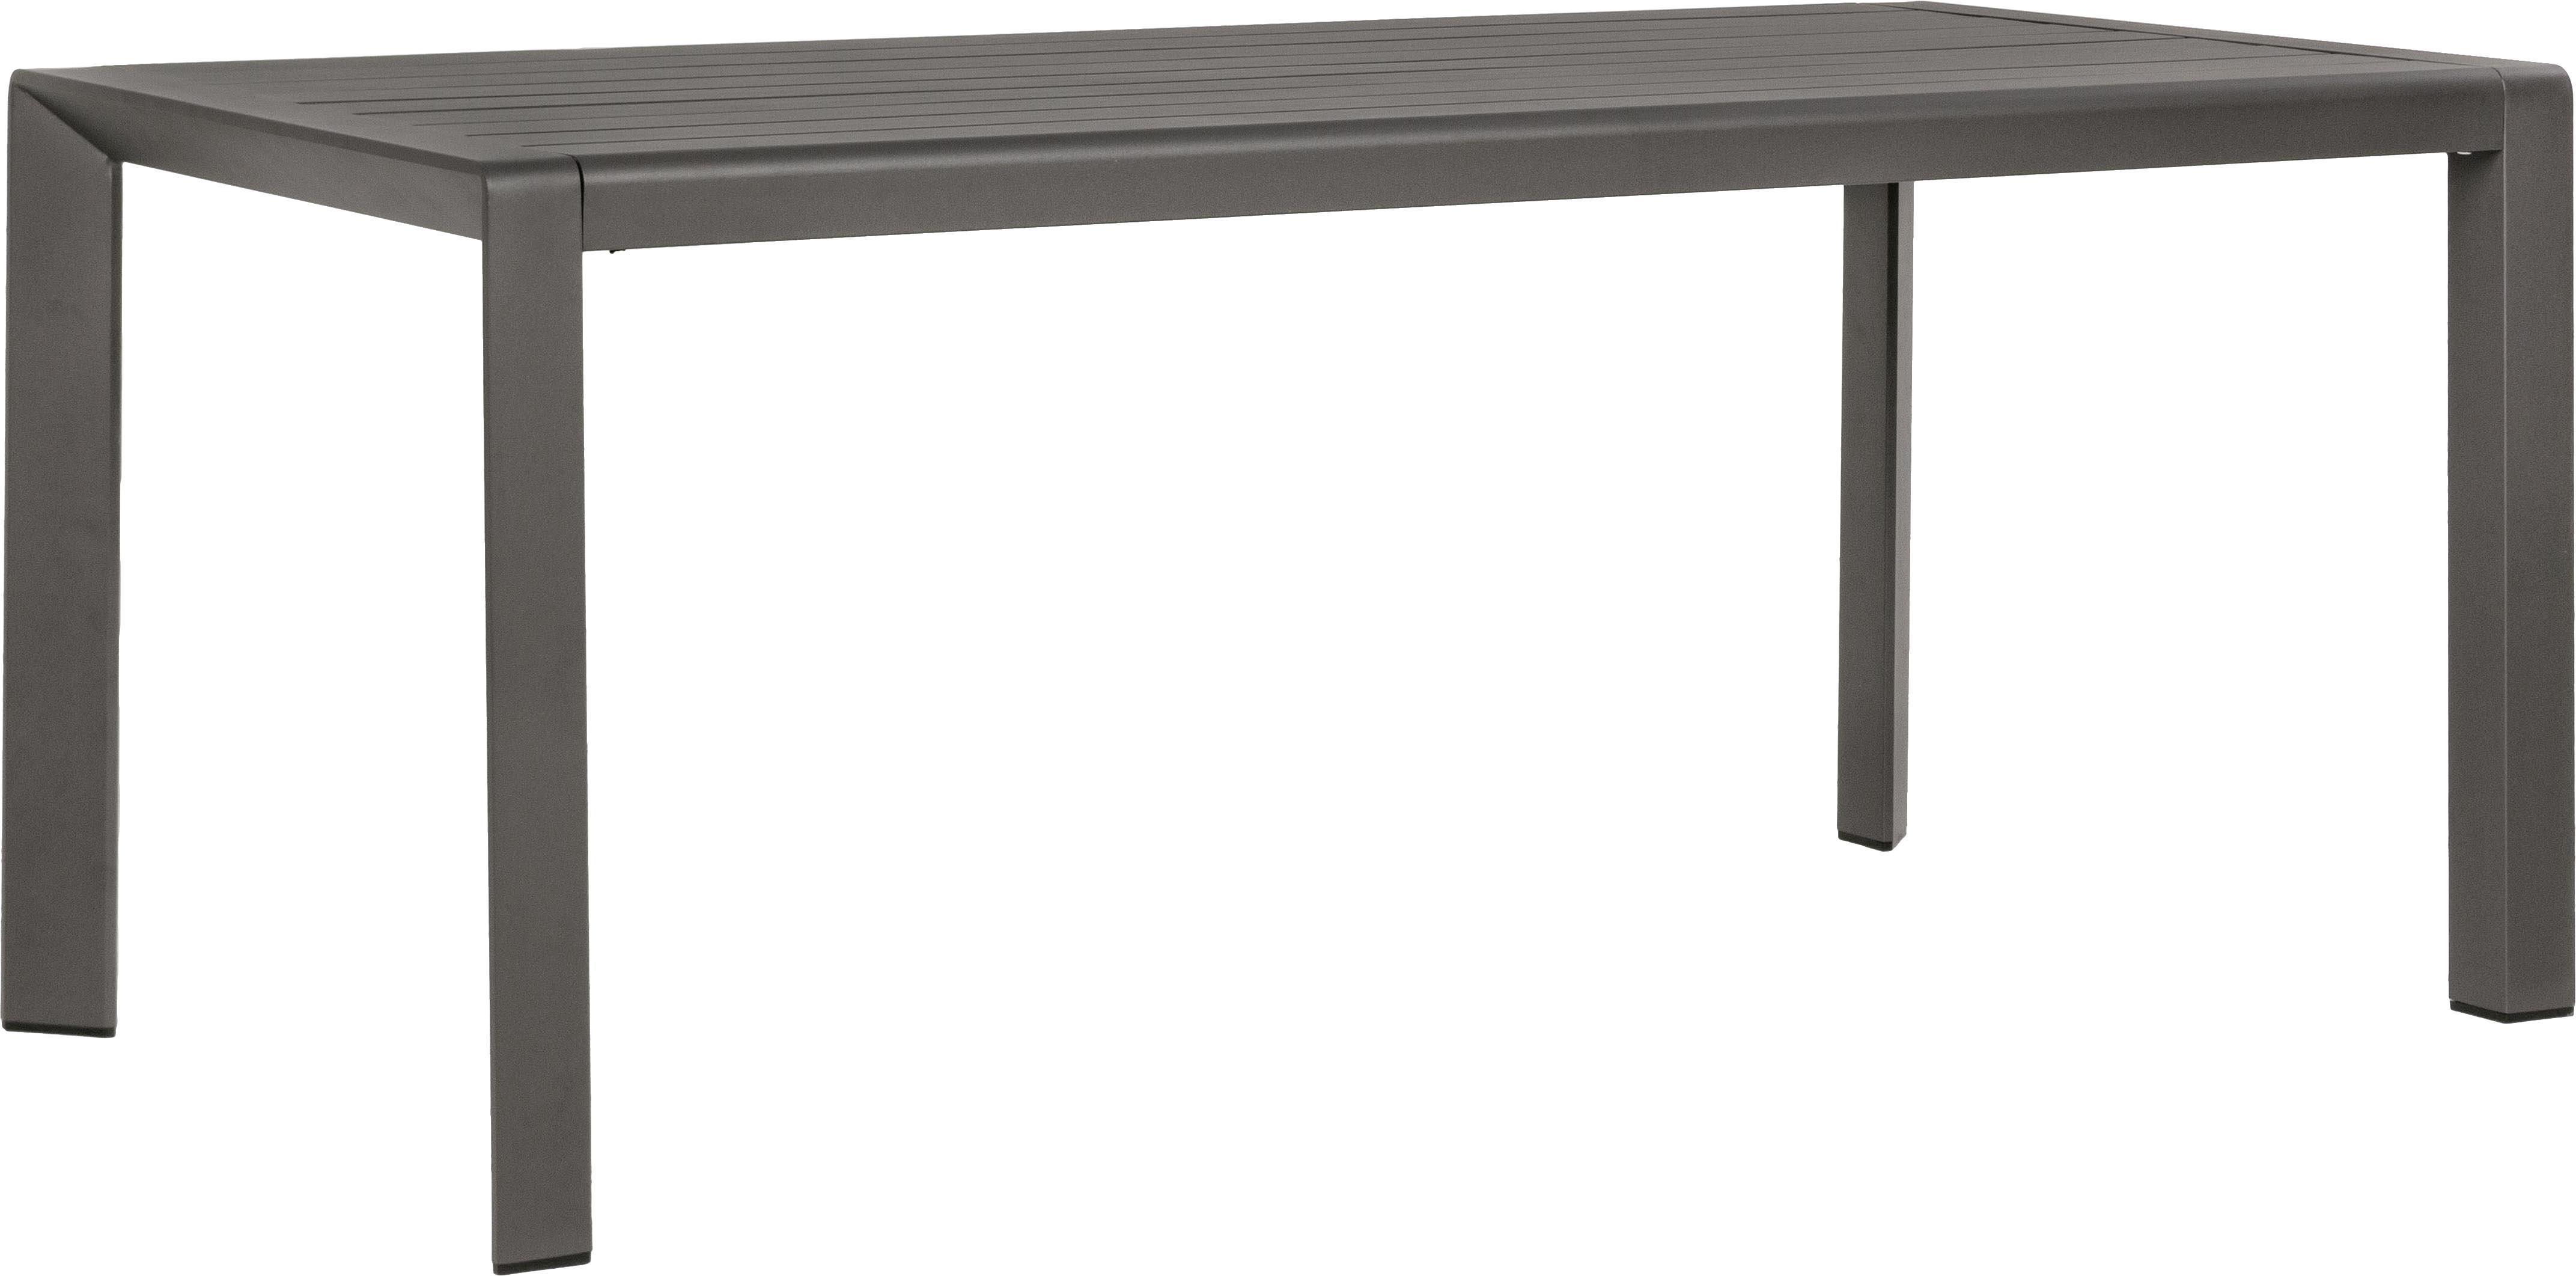 Stół ogrodowy Kirby, Aluminium malowane proszkowo, Antracytowy, S 180 x G 90 cm